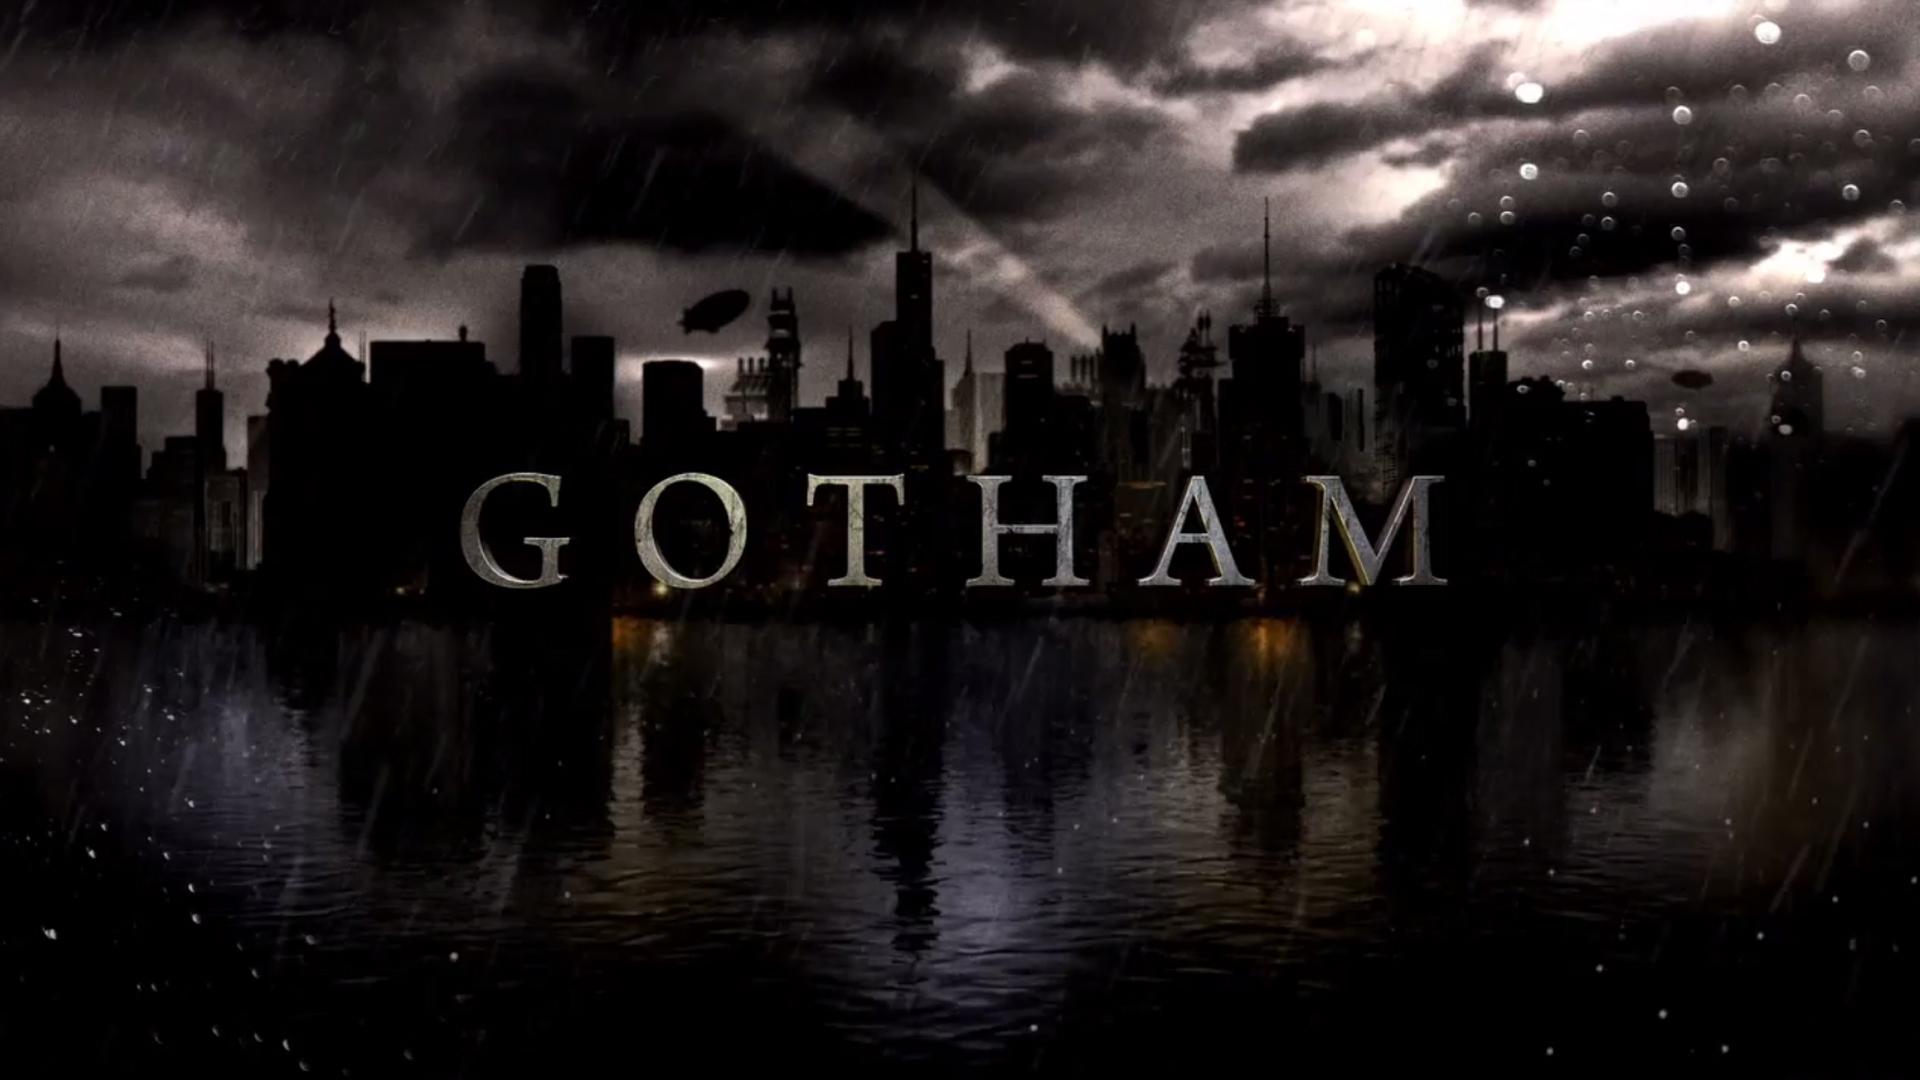 gotham-logo1920